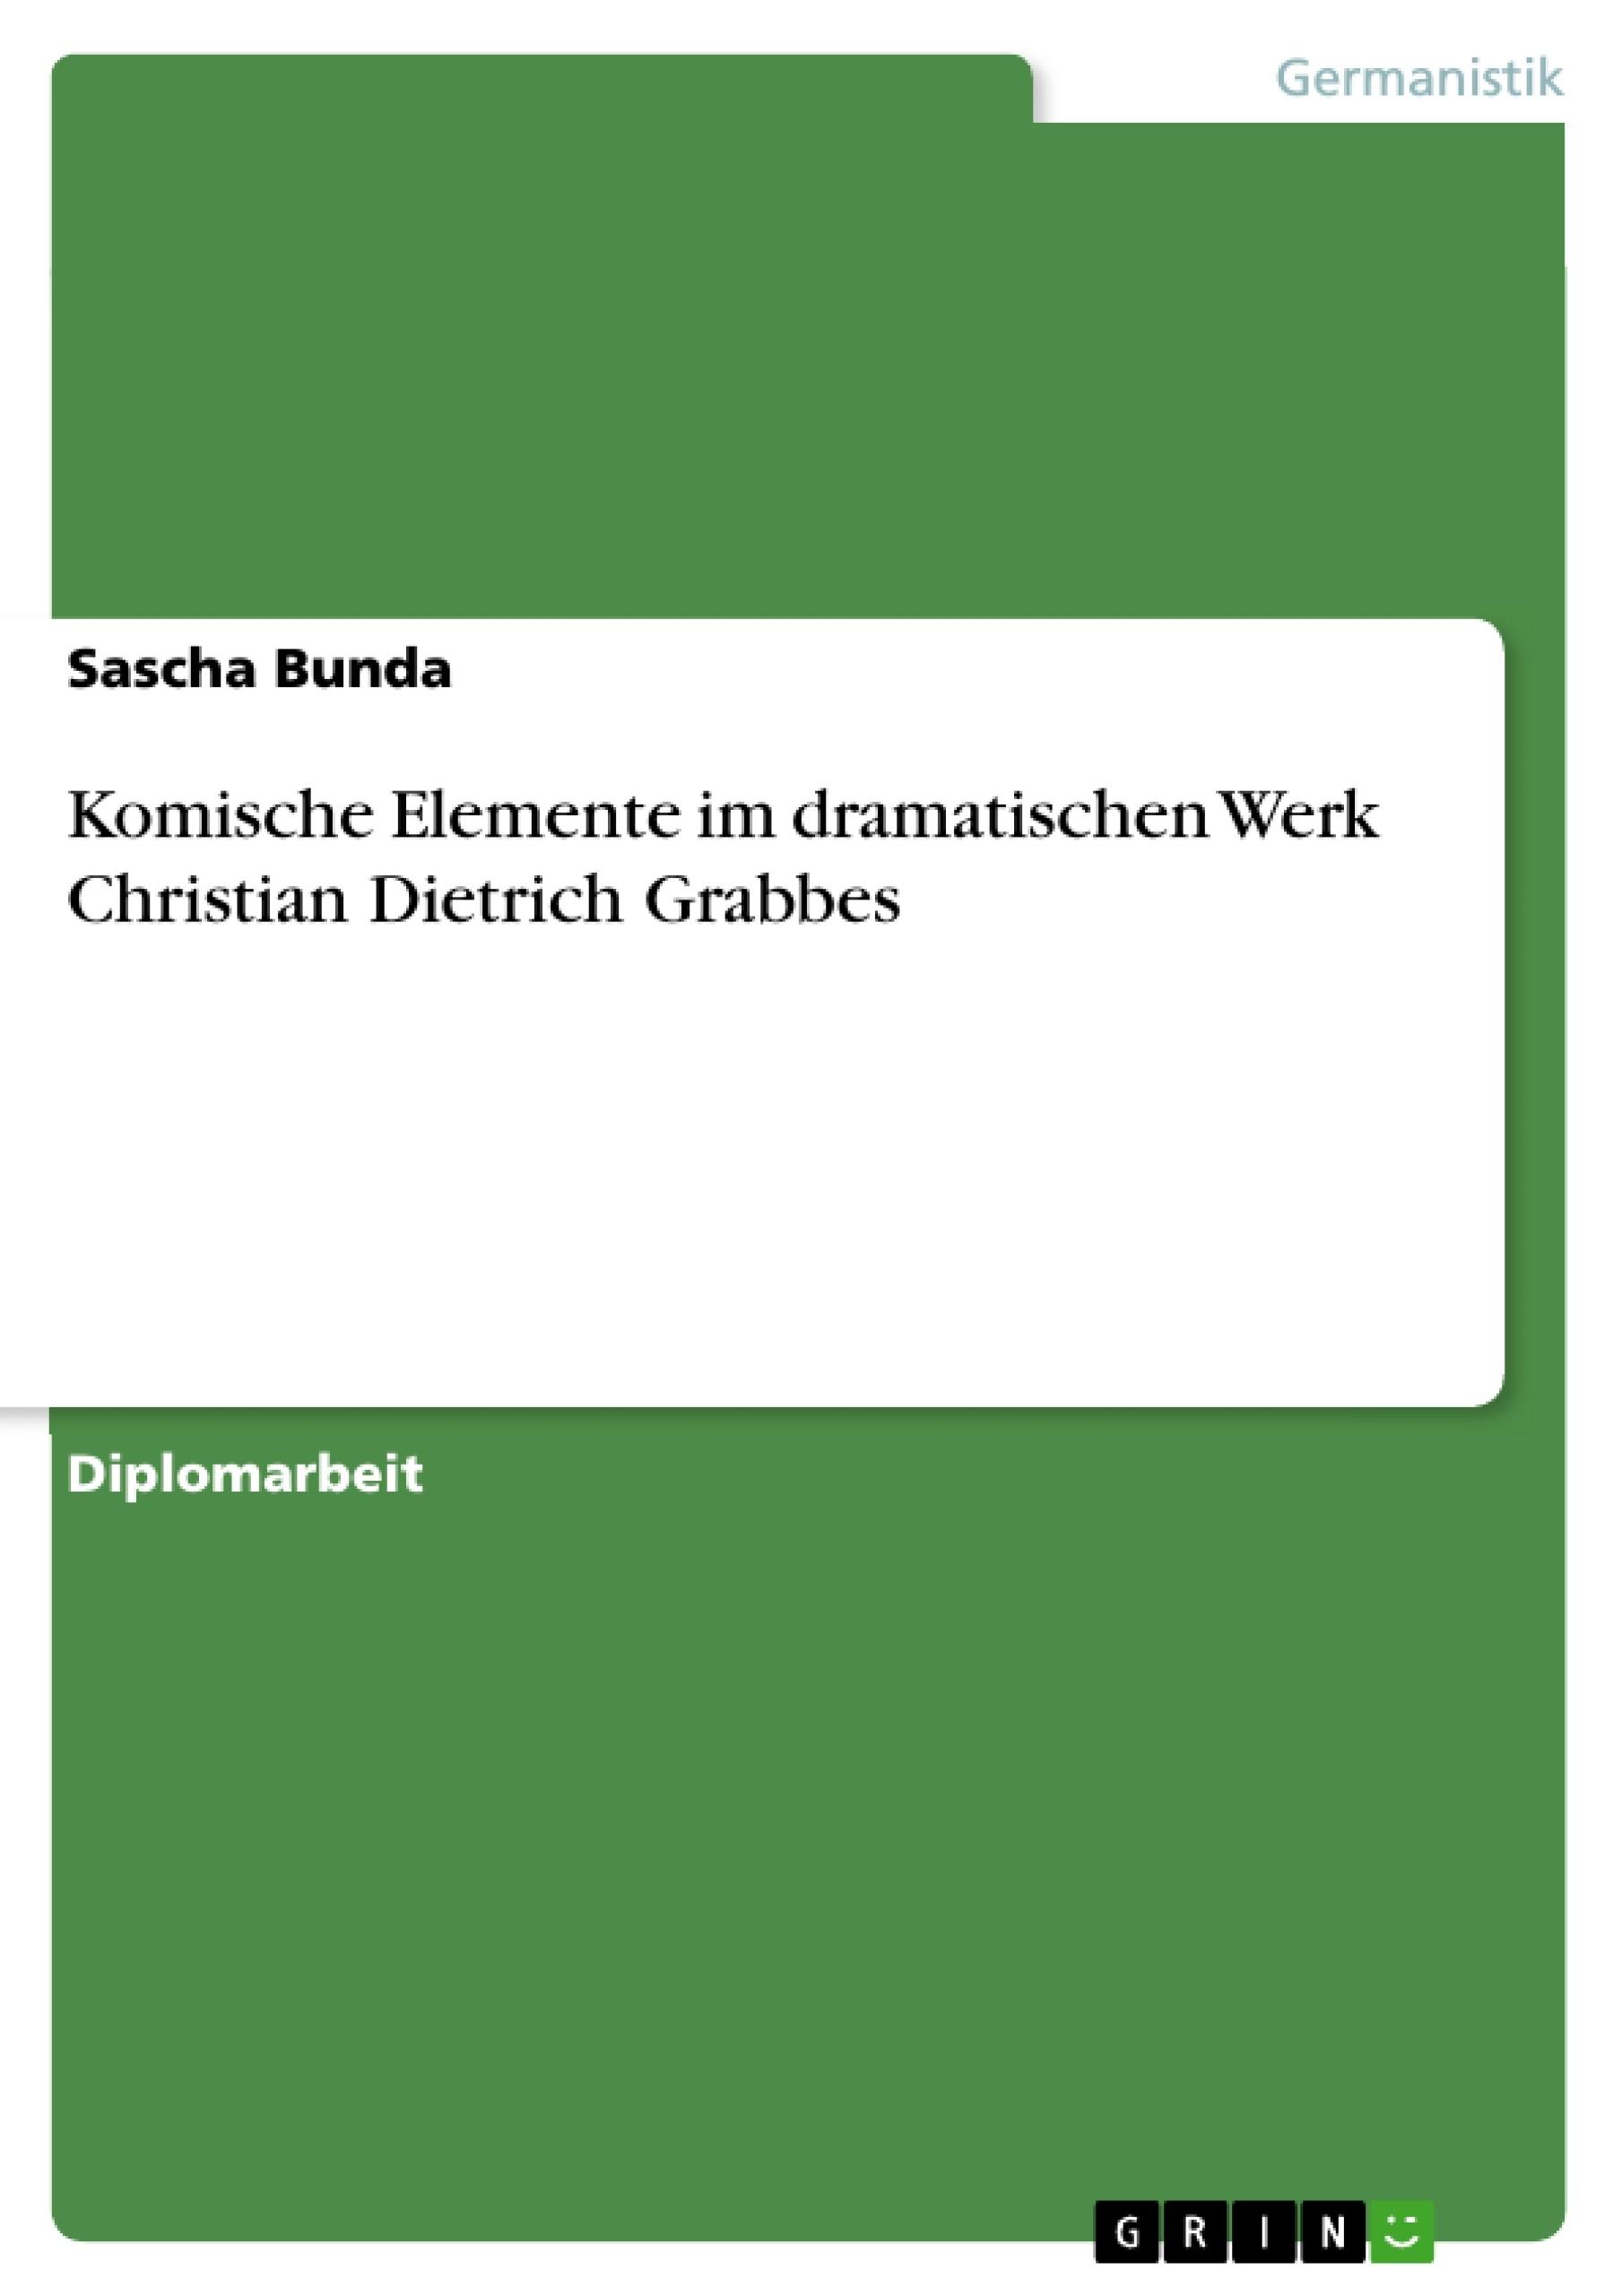 Titel: Komische Elemente im dramatischen Werk Christian Dietrich Grabbes